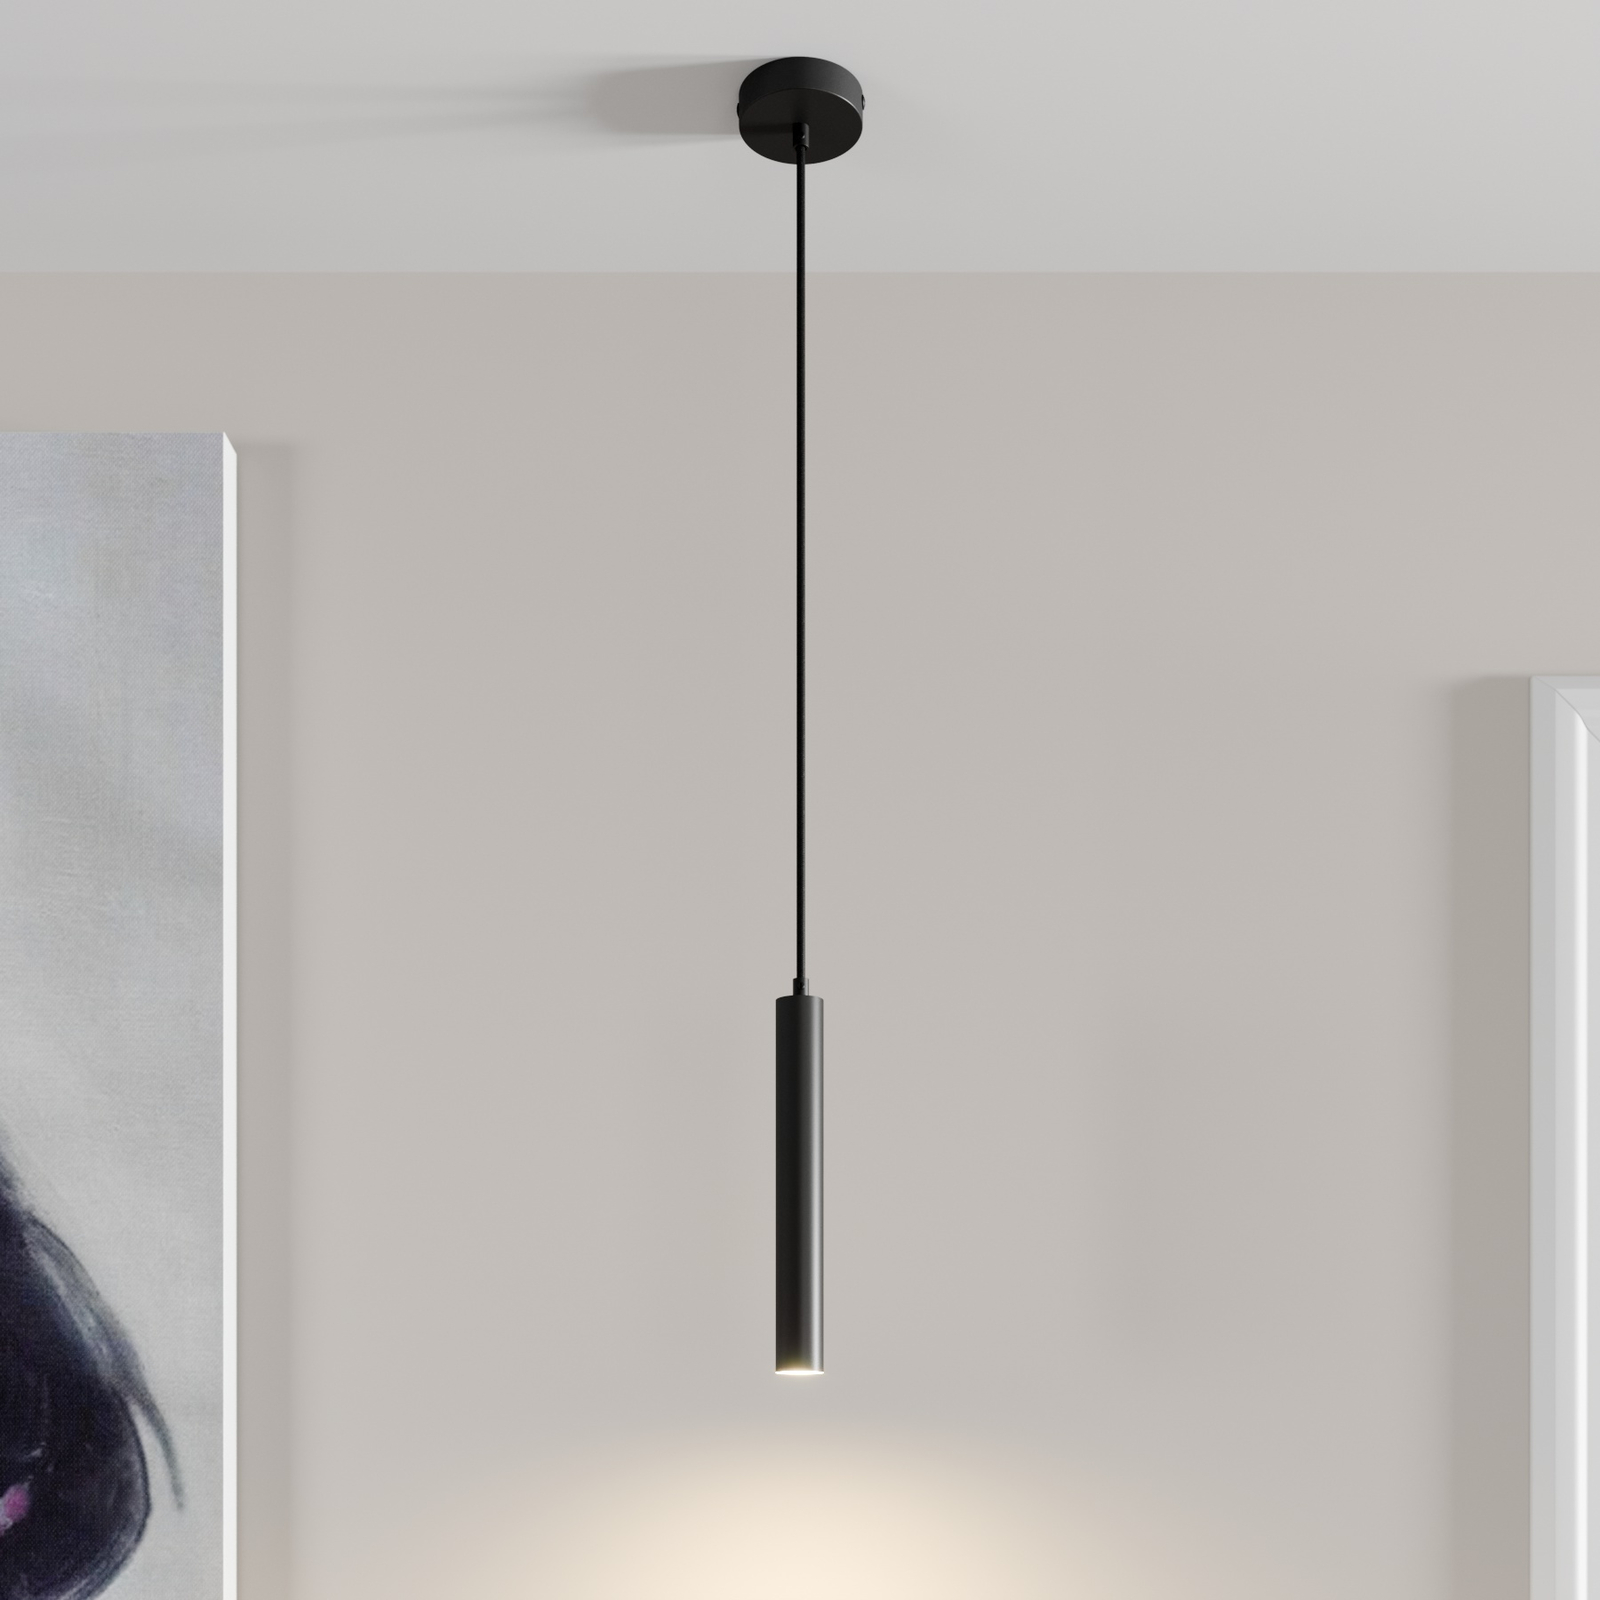 Arcchio Franka lampa wisząca LED, 1-punktowa